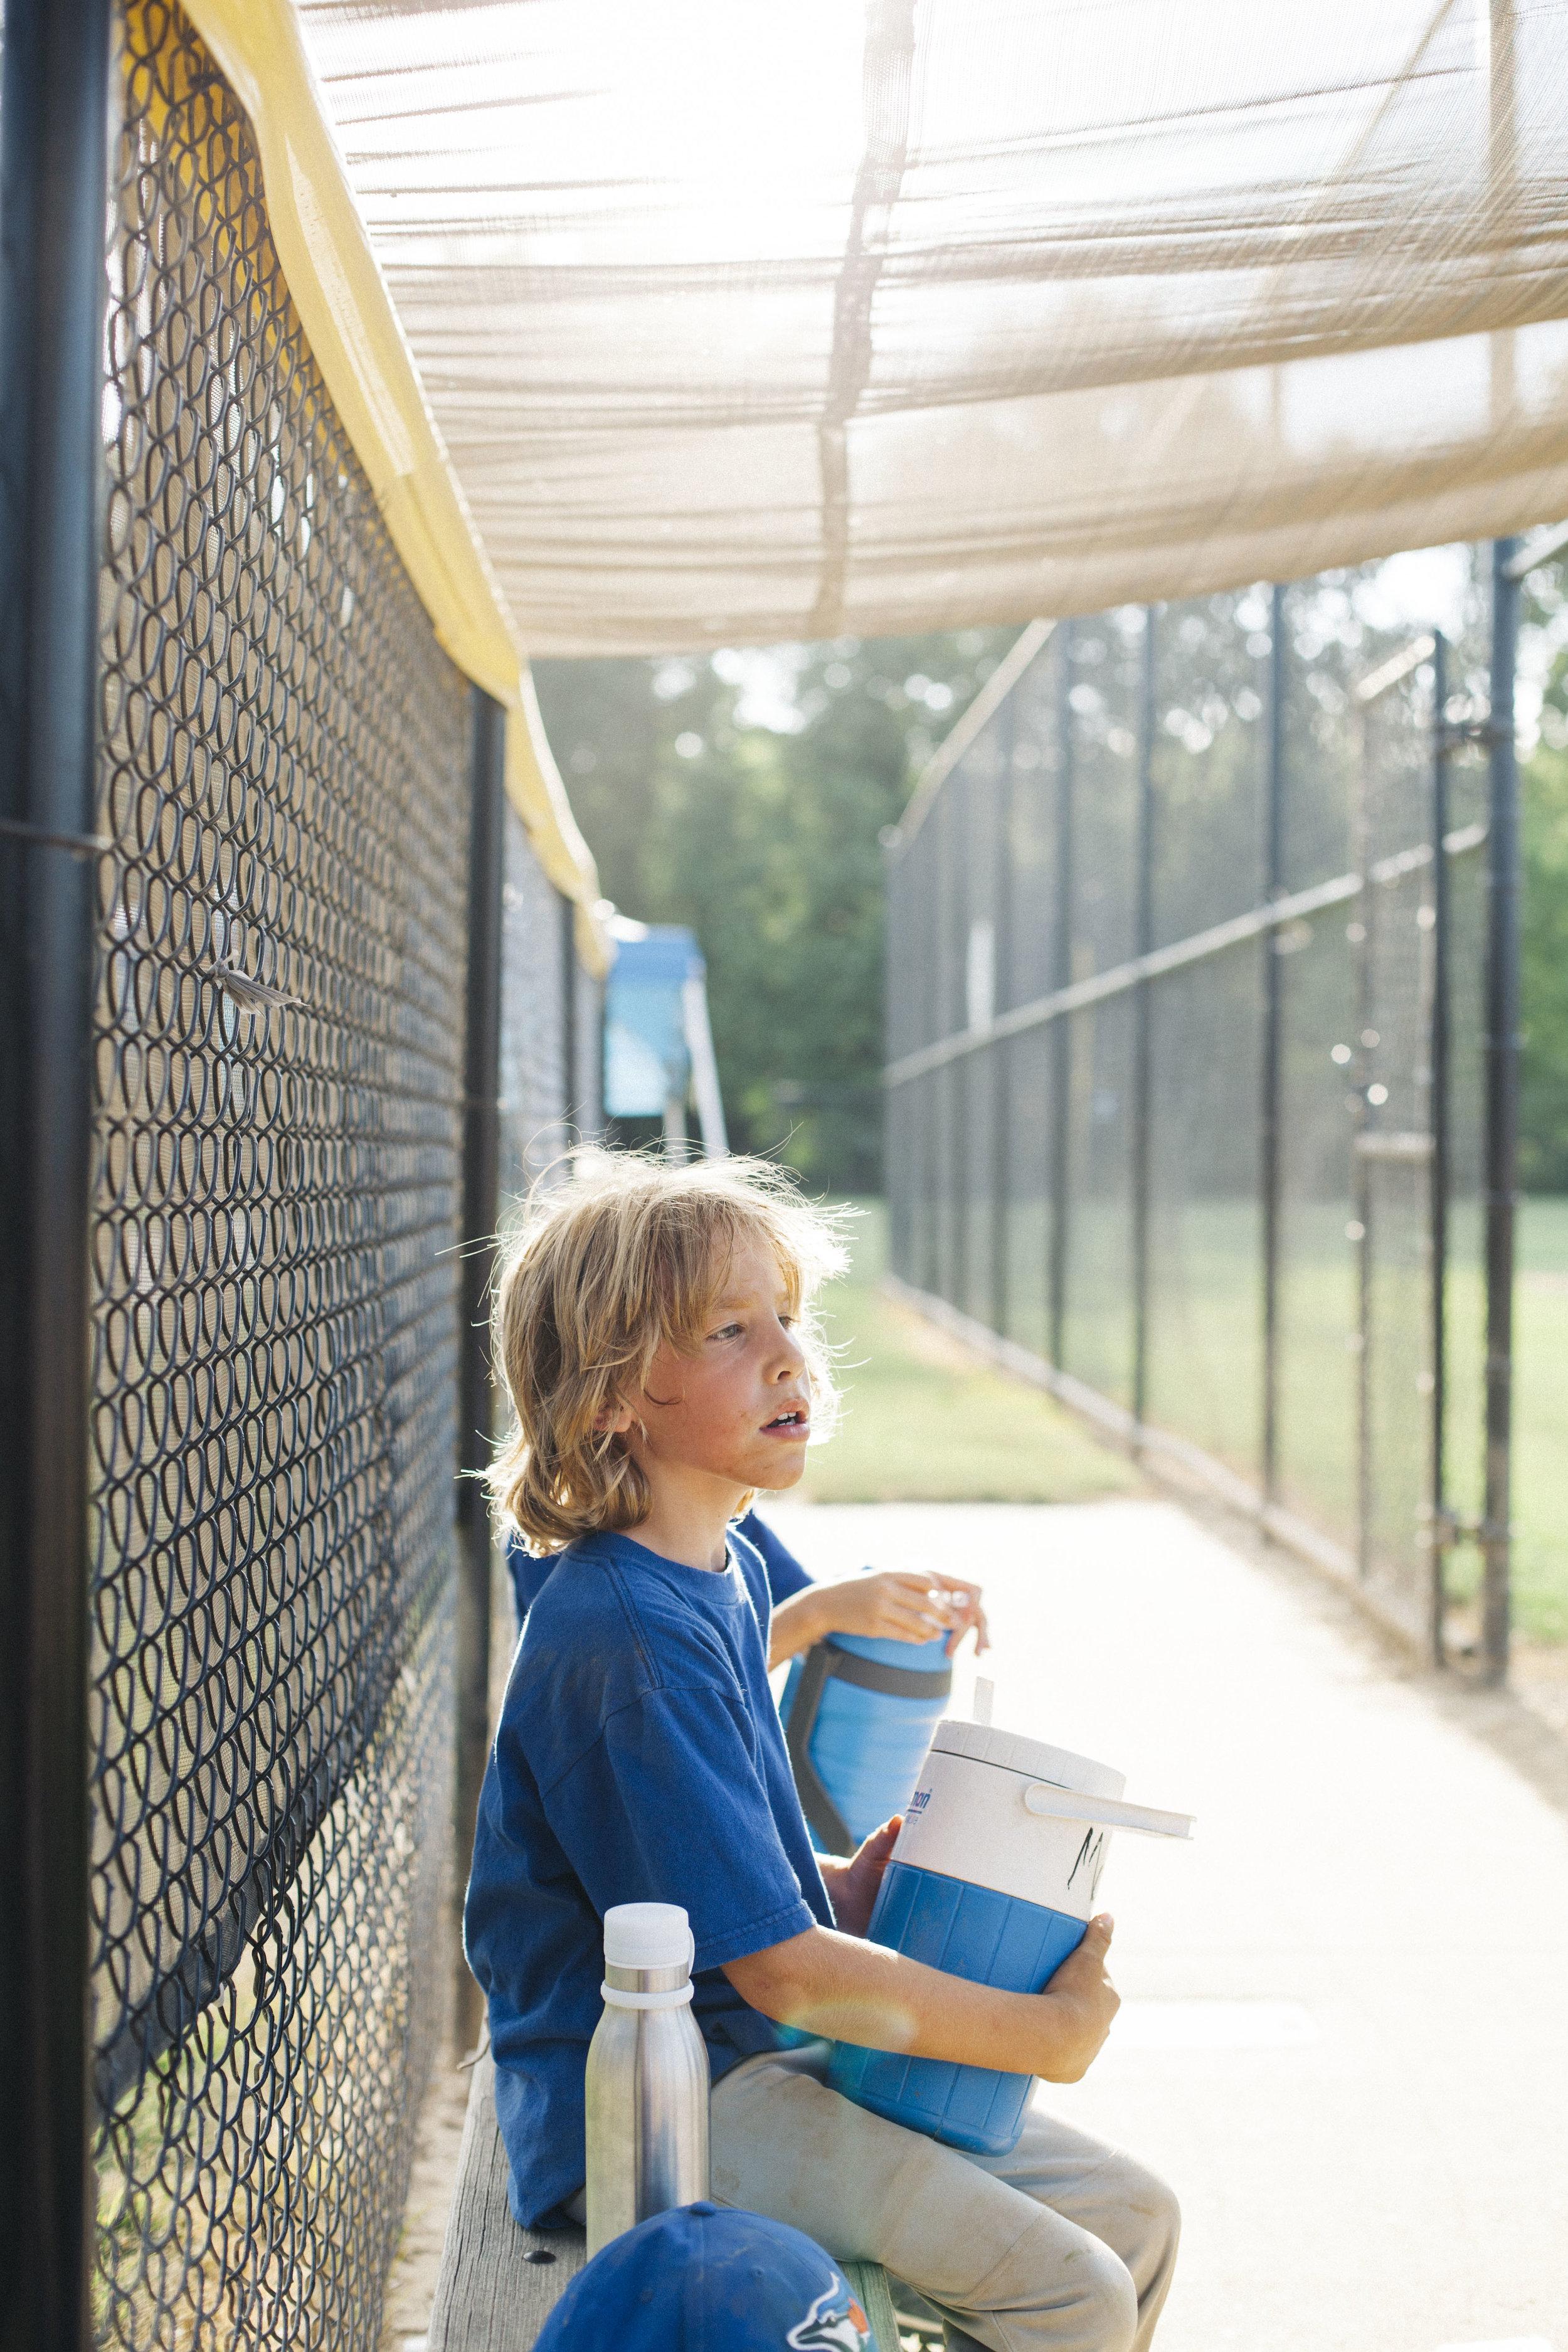 Day15 - long day at baseball games